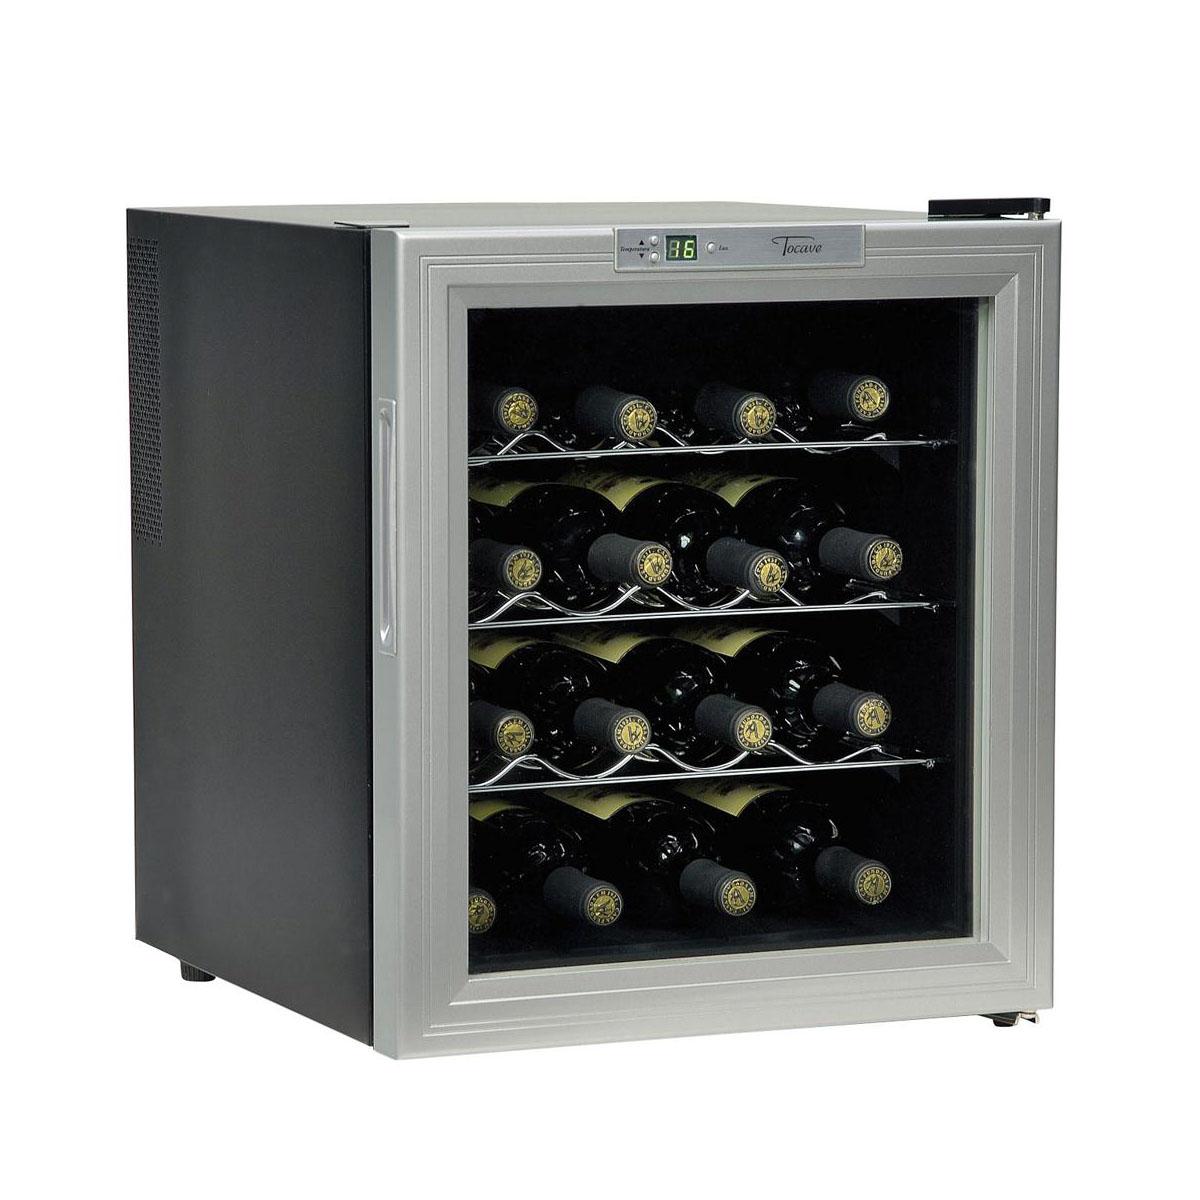 Adegas Climatizadas para Vinho Tocave